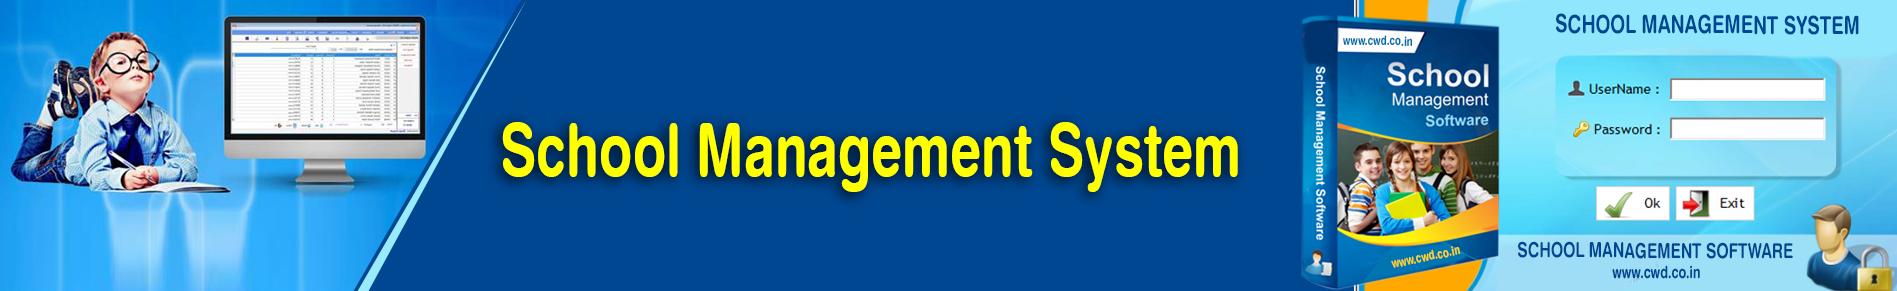 School Management System in Chennai   Online School